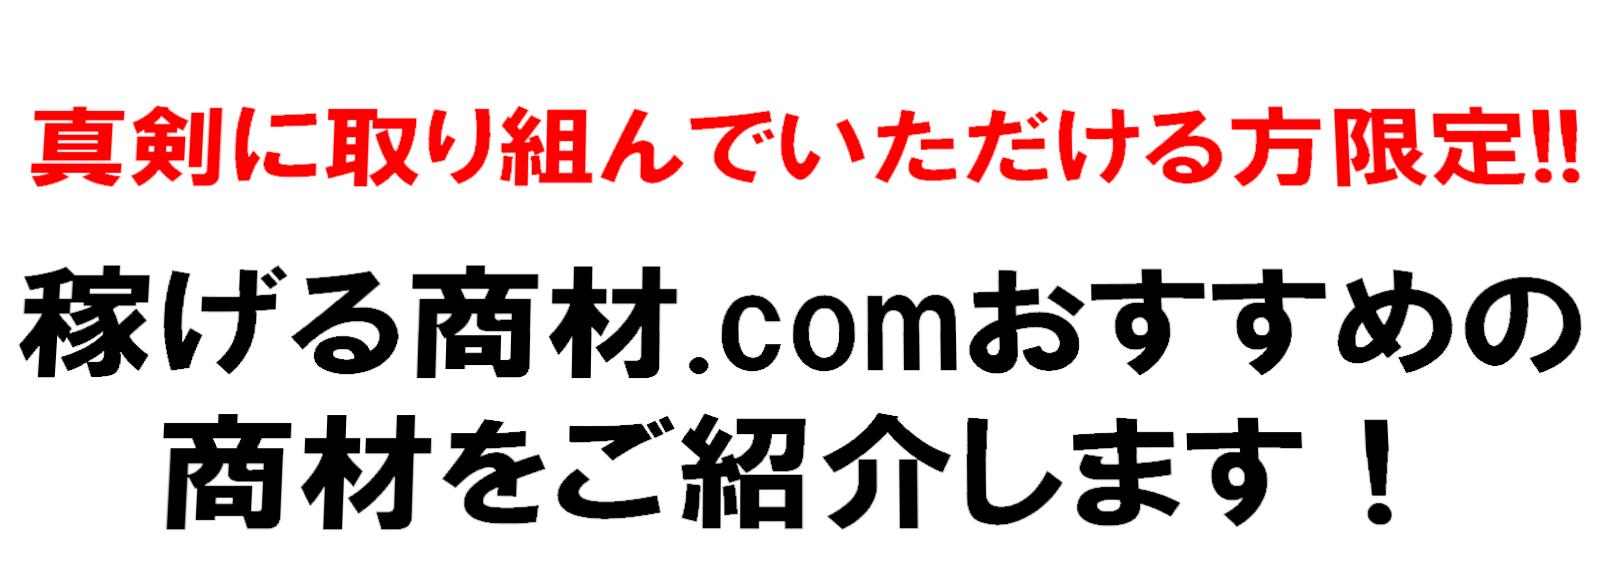 稼げる商材.com